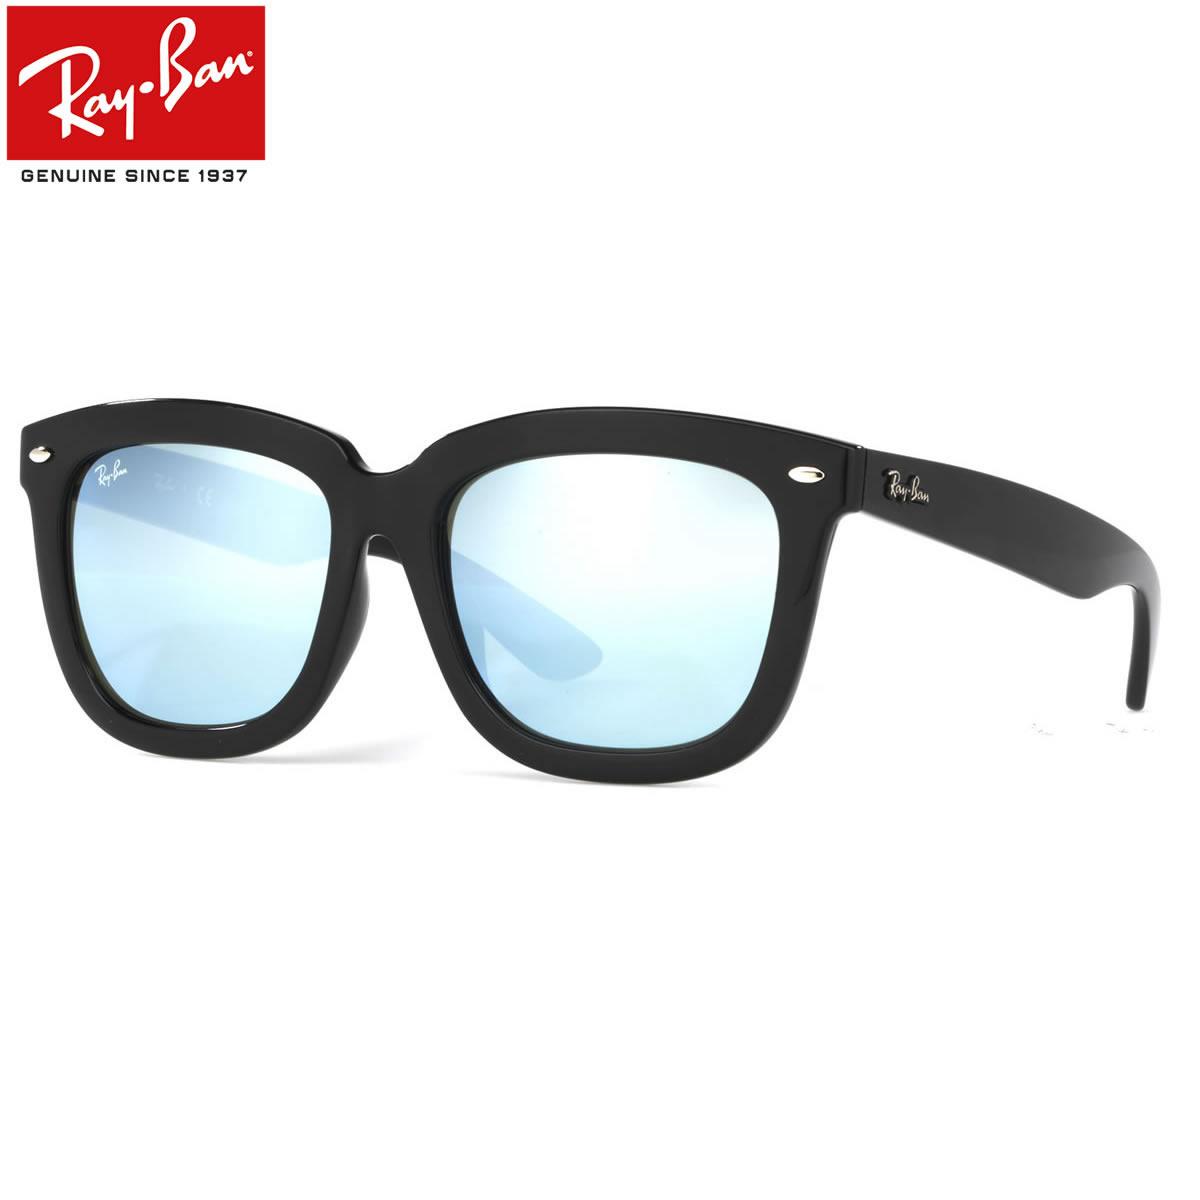 【10月30日からエントリーで全品ポイント20倍】レイバン サングラス ミラー アジアエリア限定 Ray-Ban RB4262D 601/30 57サイズレイバン RAYBAN FLASH LENSES 60130 ミラー アジアンフィット メンズ レディース